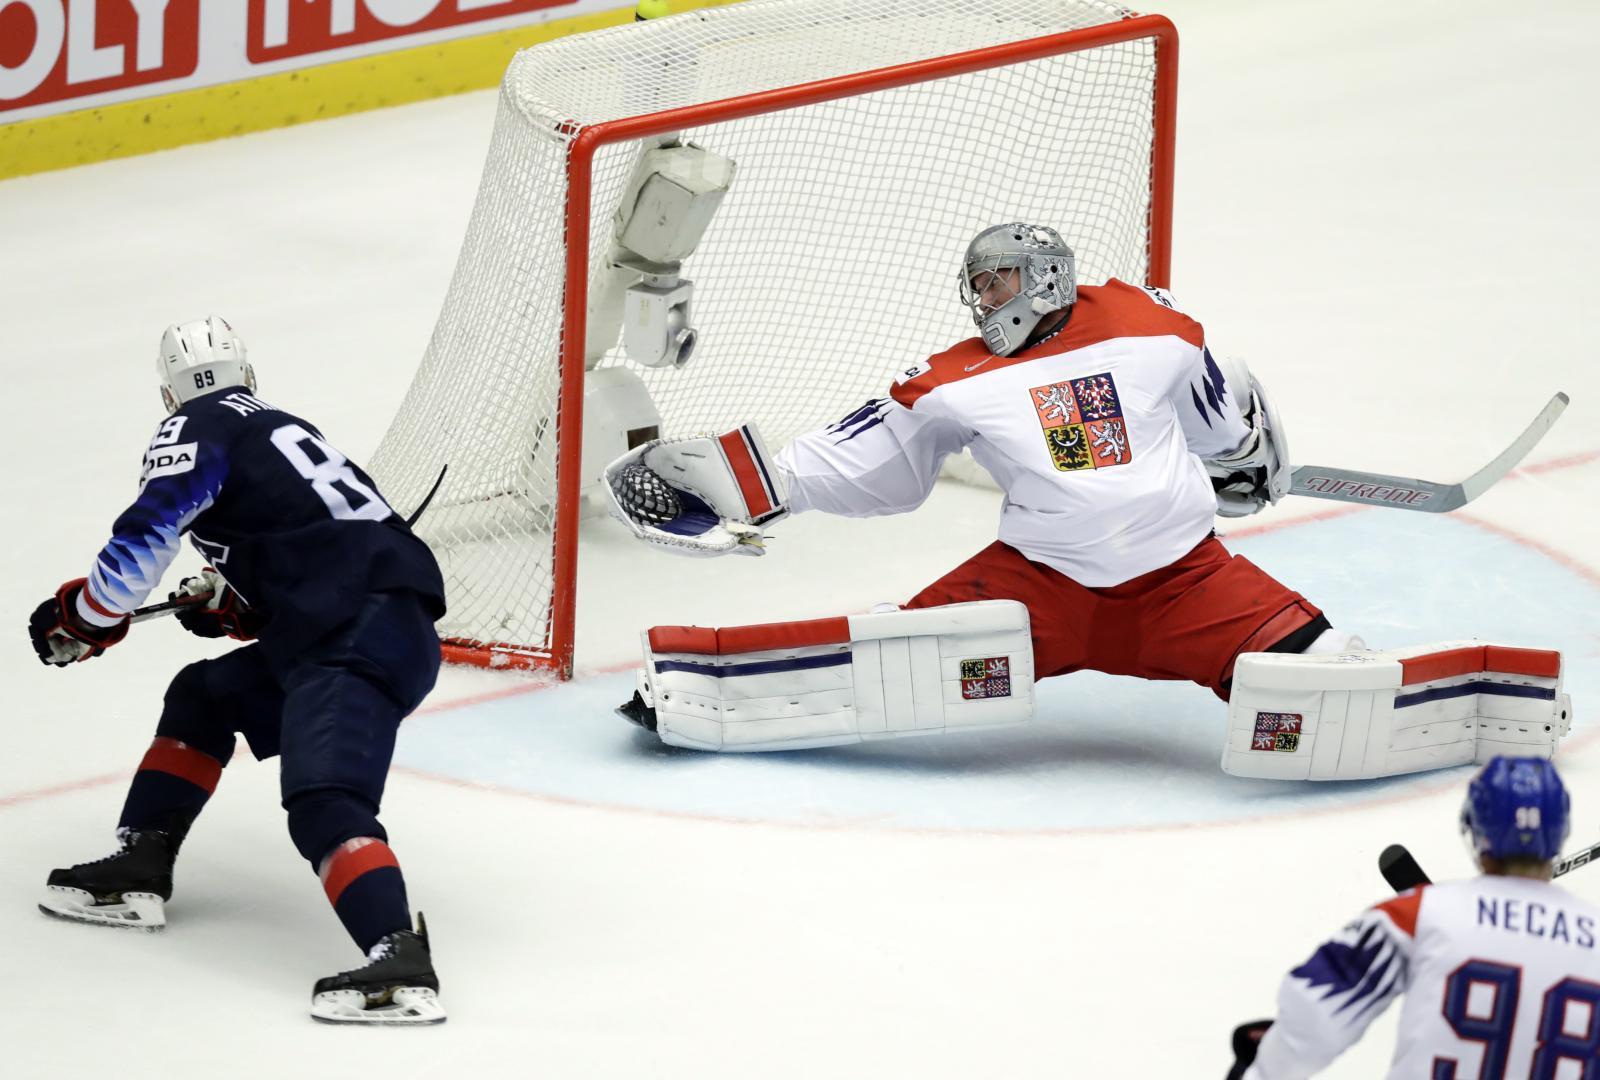 7733849b65dad USA - Česko 3:2. Národní tým na mistrovství světa končí, čtvrtfinále  rozhodl Patrick Kane   iROZHLAS - spolehlivé zprávy